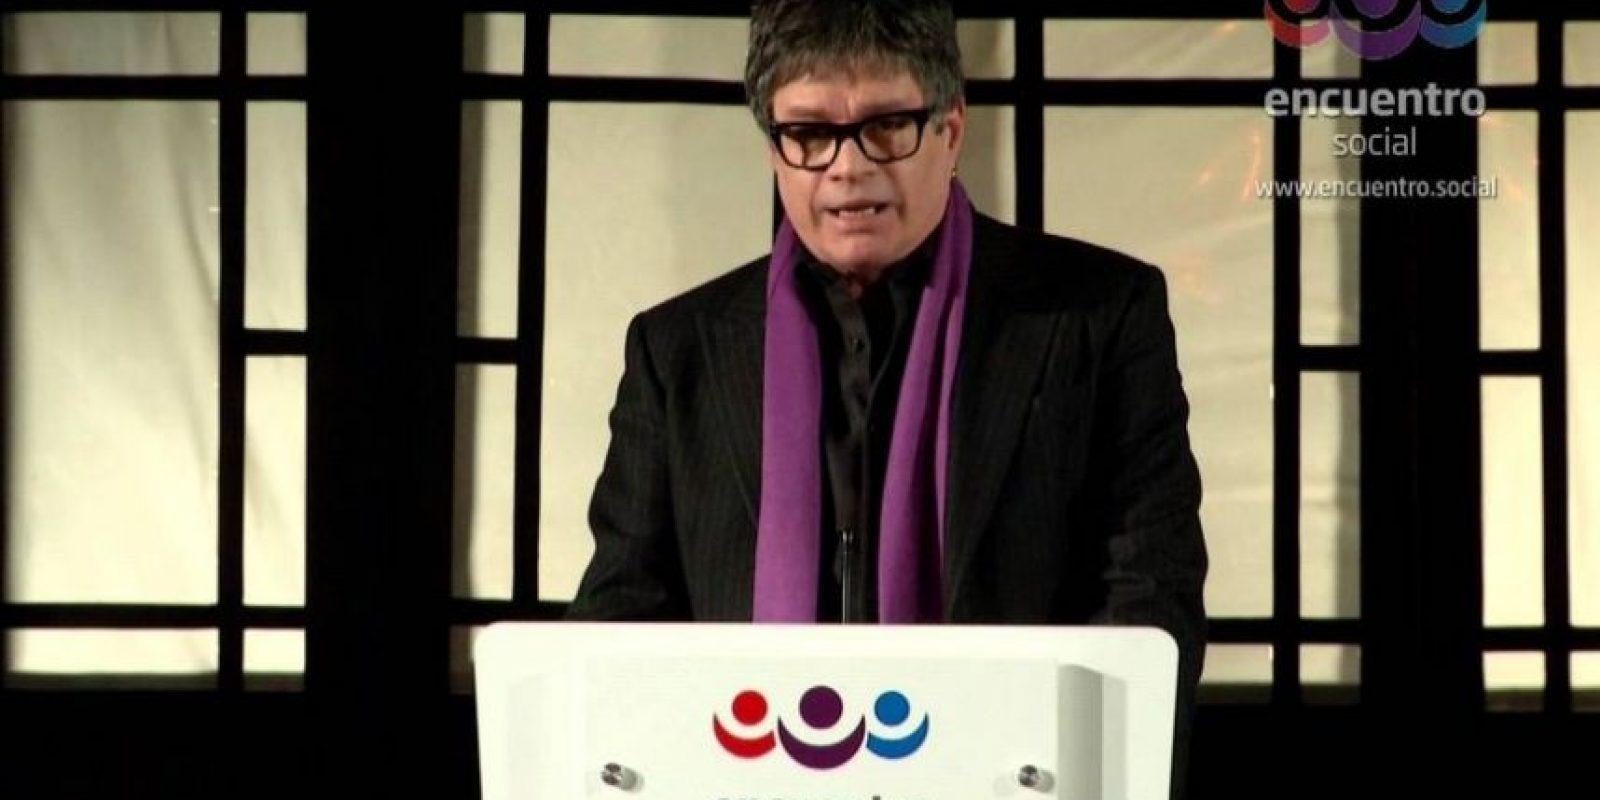 Actualmente es candidato al congreso mexicano por parte del Partido Encuentro Social Foto:PES